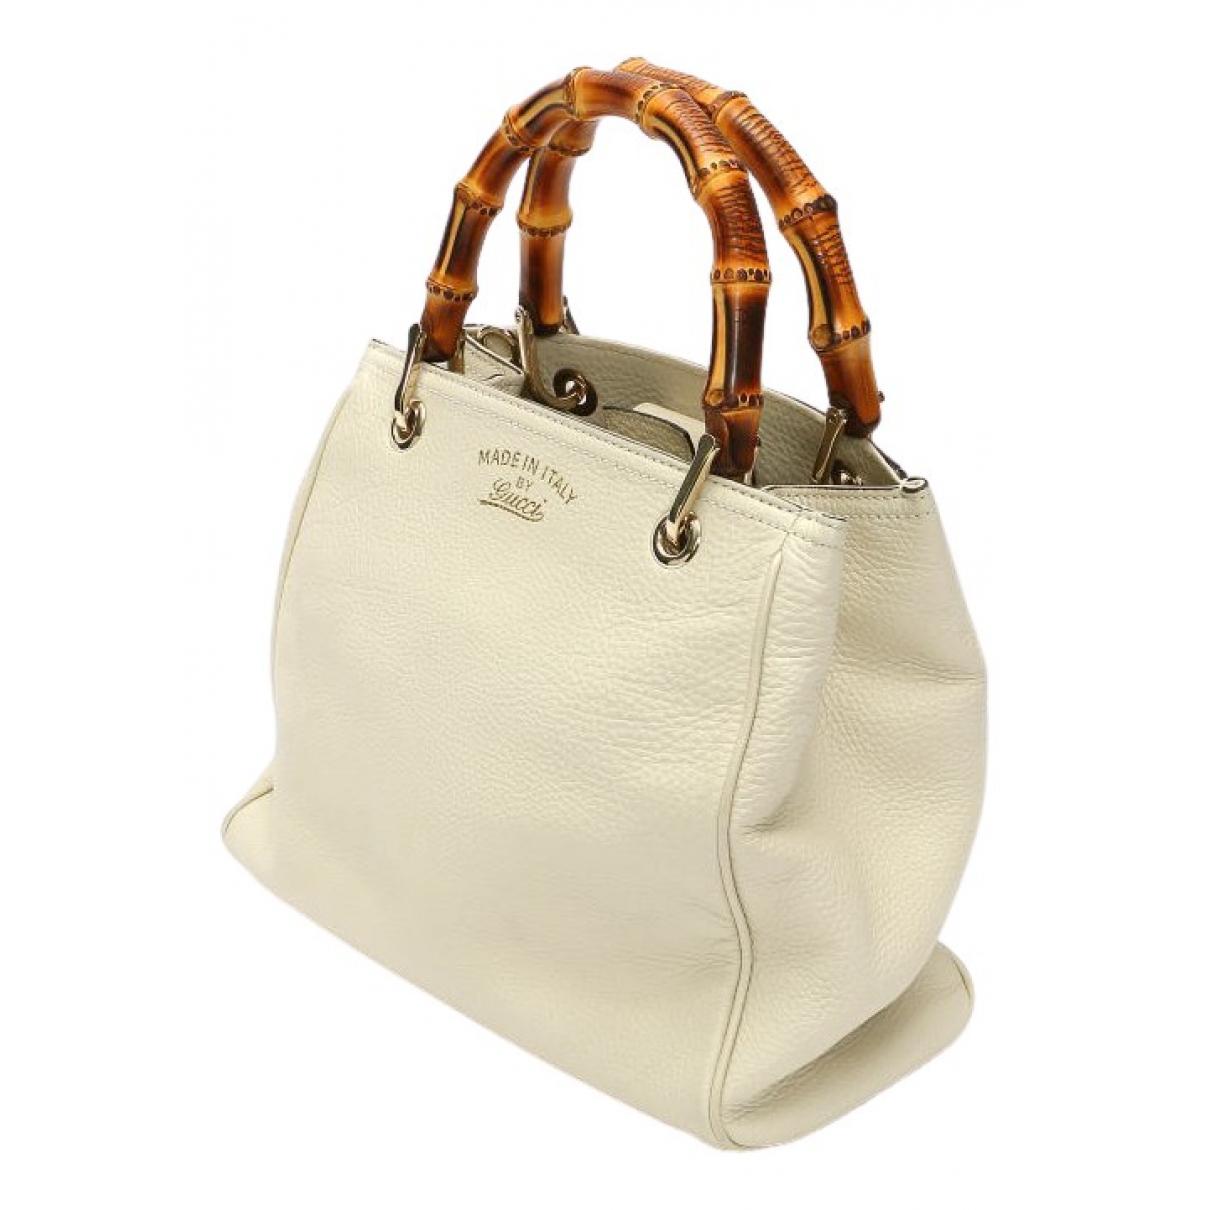 Gucci Bamboo Handtasche in  Weiss Leder